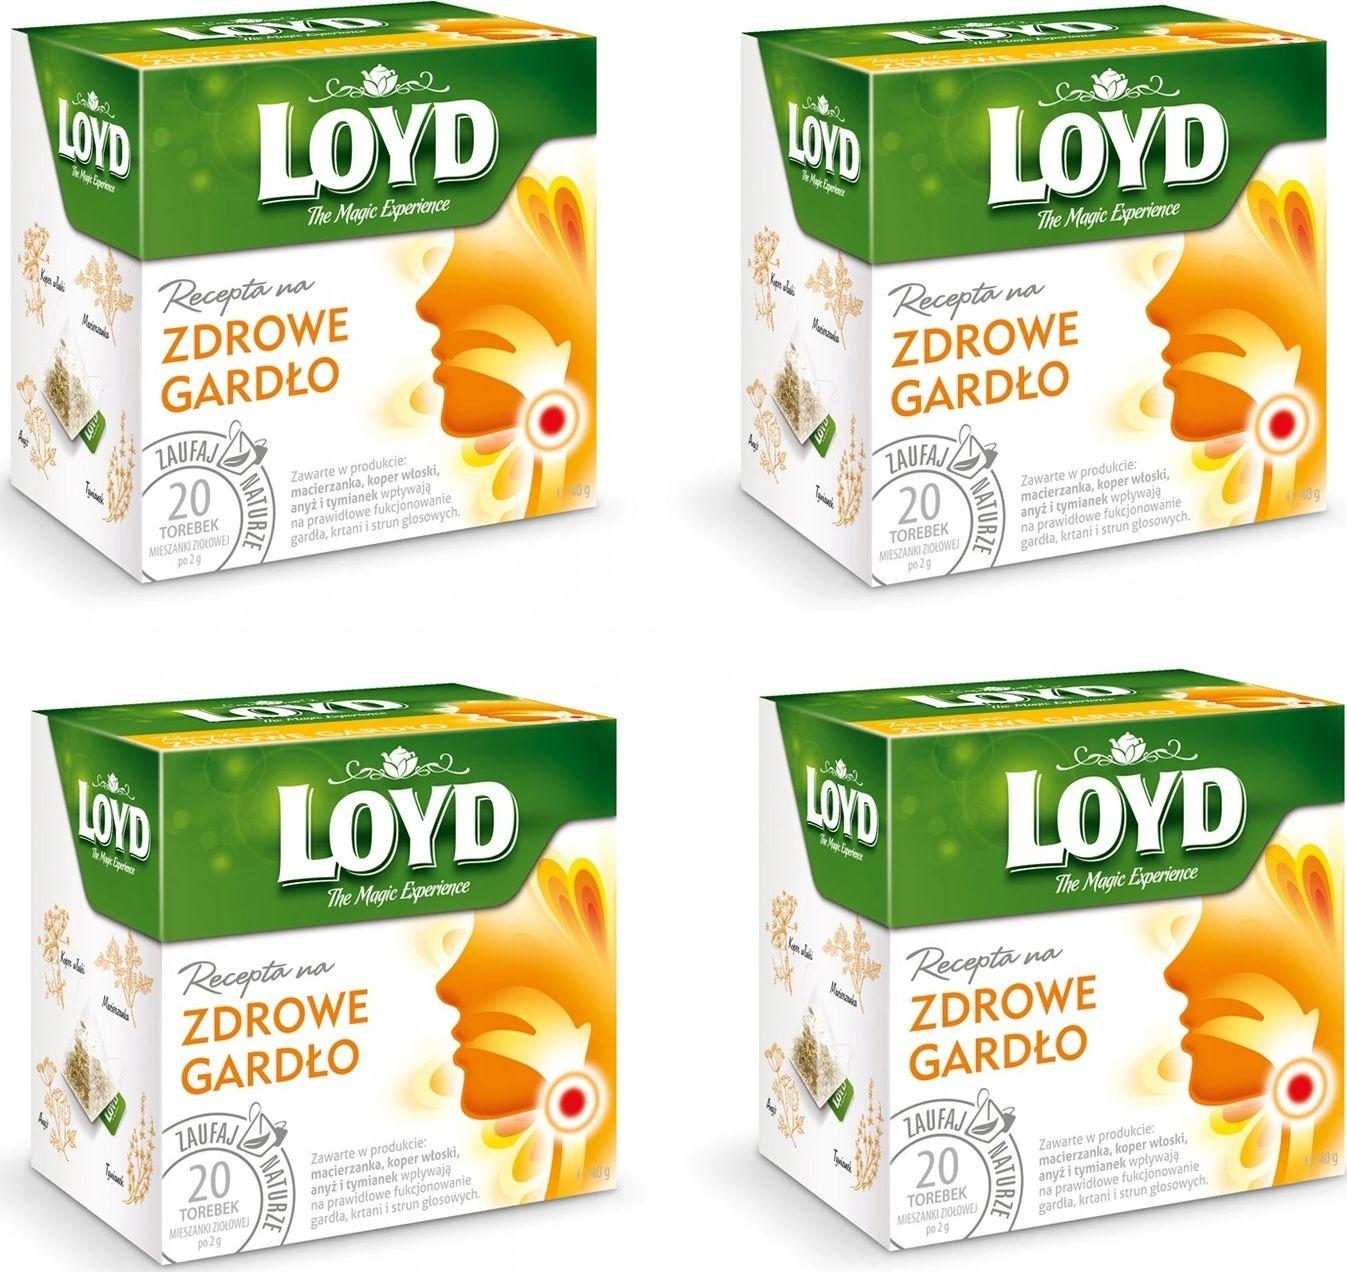 Loyd Herbata Zdrowe gardło 80 torebek piramidki 3102980